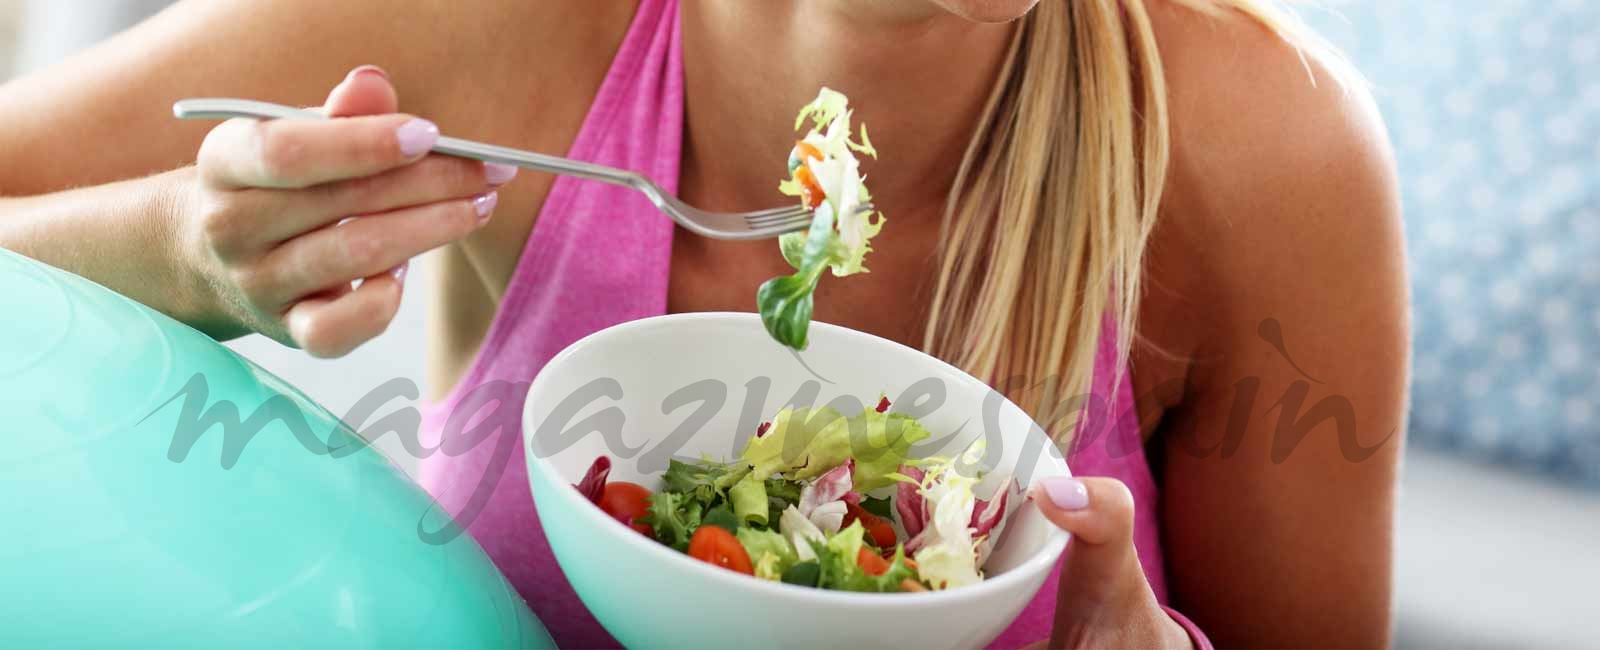 """¡Cuidado con el efecto rebote de las """"dietas milagro""""!"""